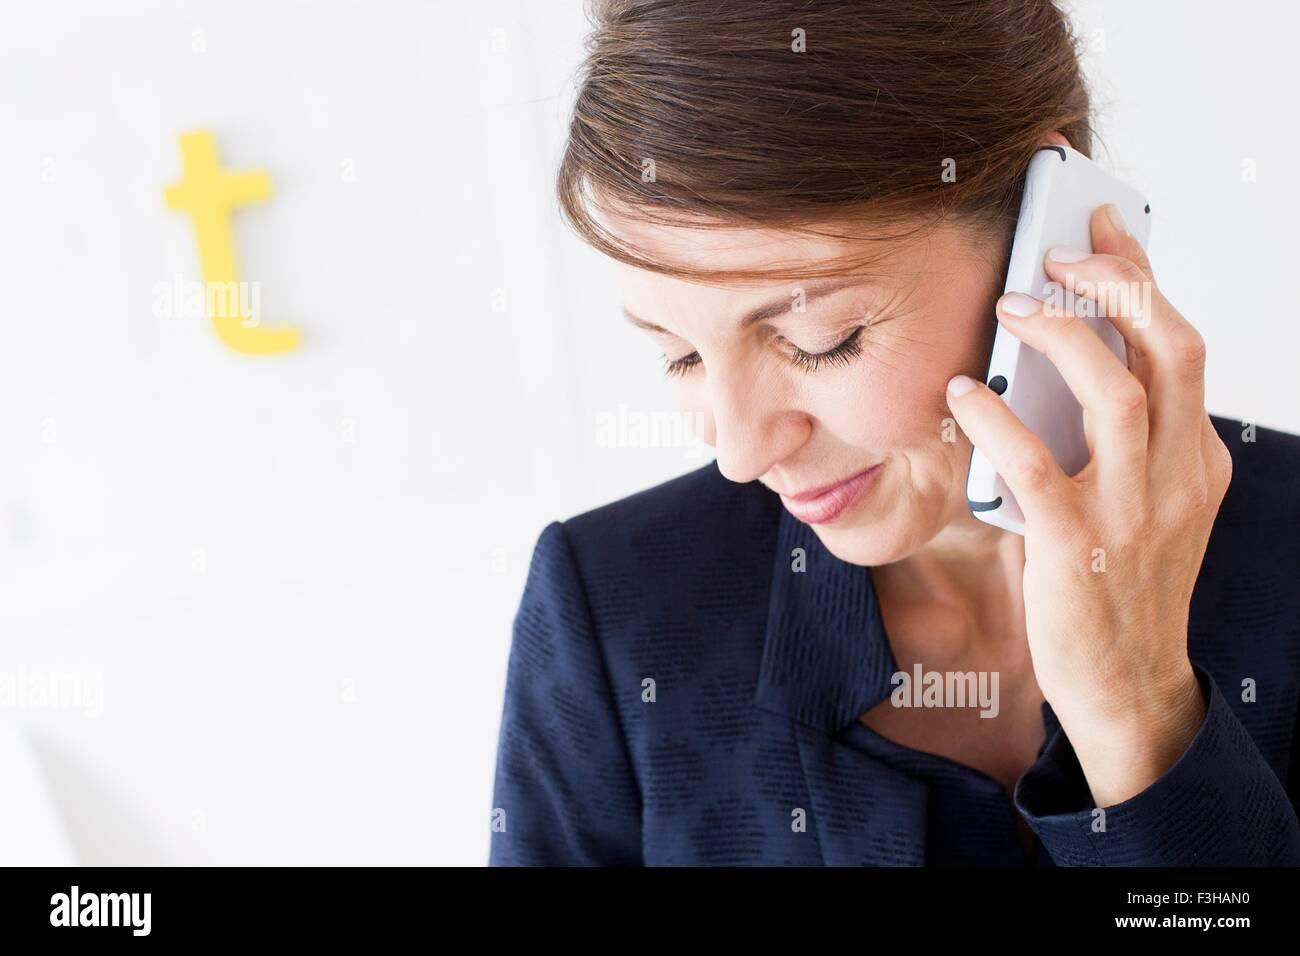 Tête et épaules de mature woman using smartphone, regardant vers le bas smiling Photo Stock